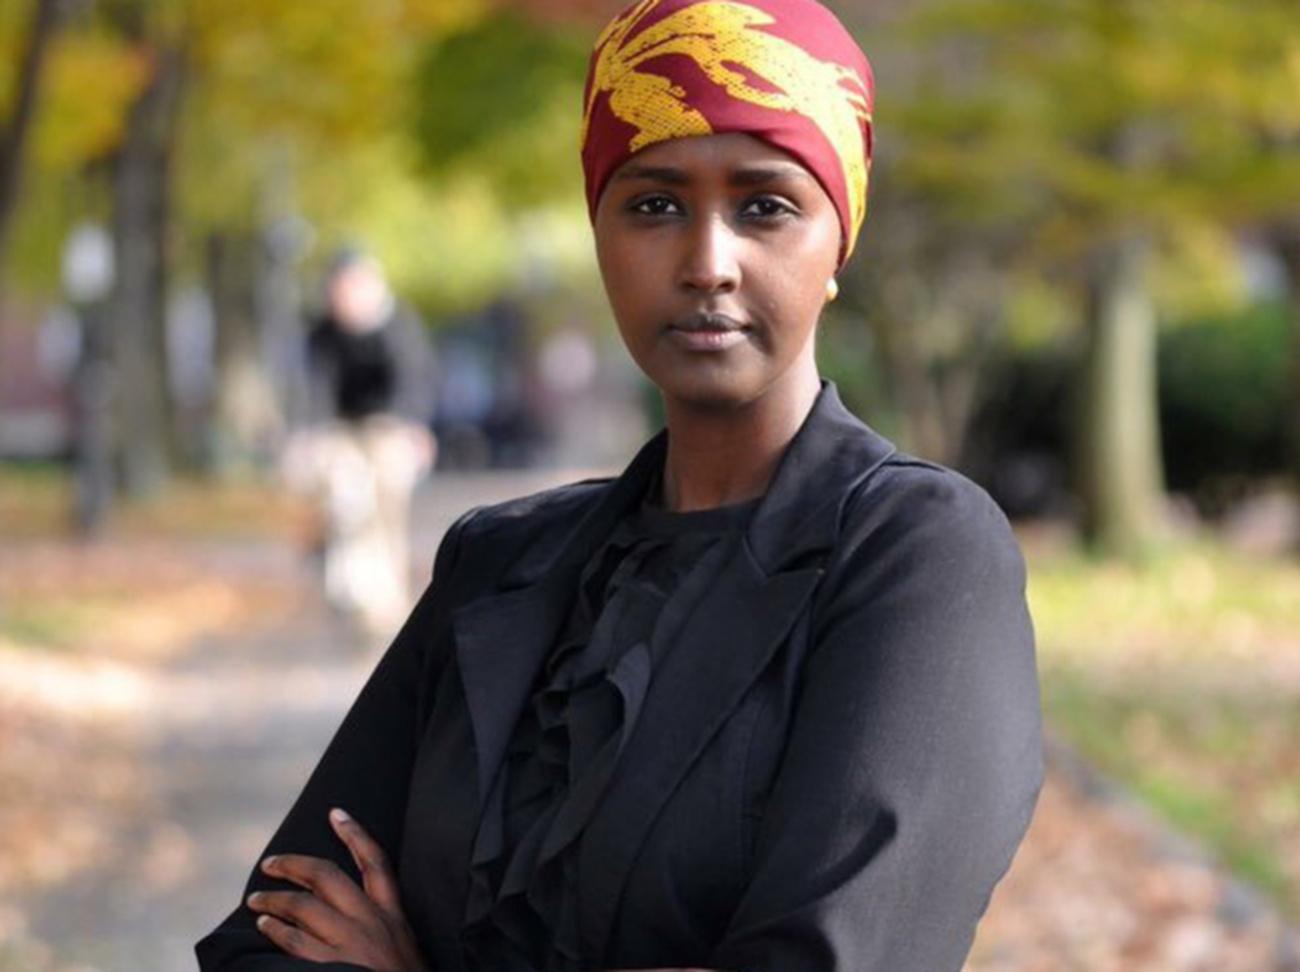 أول امرأة صومالية تعلن ترشحها للإنتخابات الرئاسية 2016